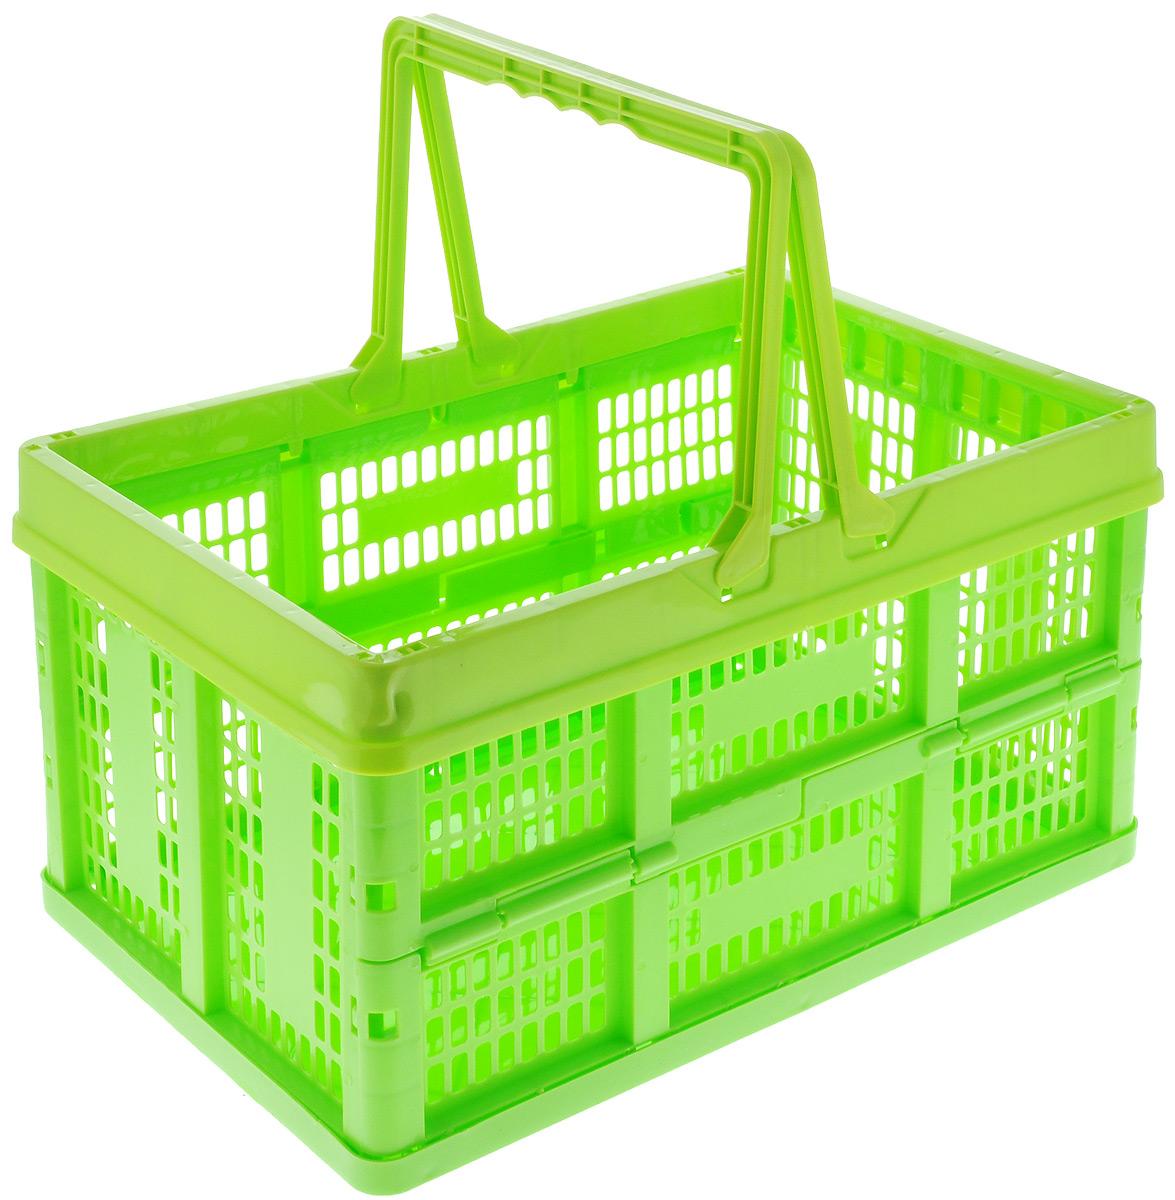 """Универсальный ящик """"Альтернатива"""" изготовлен из высококачественного  пластика. Ящик предназначен для хранения и транспортировки овощей. Он  оснащен ручками для переноски.  При необходимости ящик можно сложить. Ящик компактный, он не займет много  места.  Универсальный ящик """"Альтернатива"""" станет незаменимым дома или на даче.   Размер ящика (в сложенном виде): 38,5 х 26 х 5,5 см."""